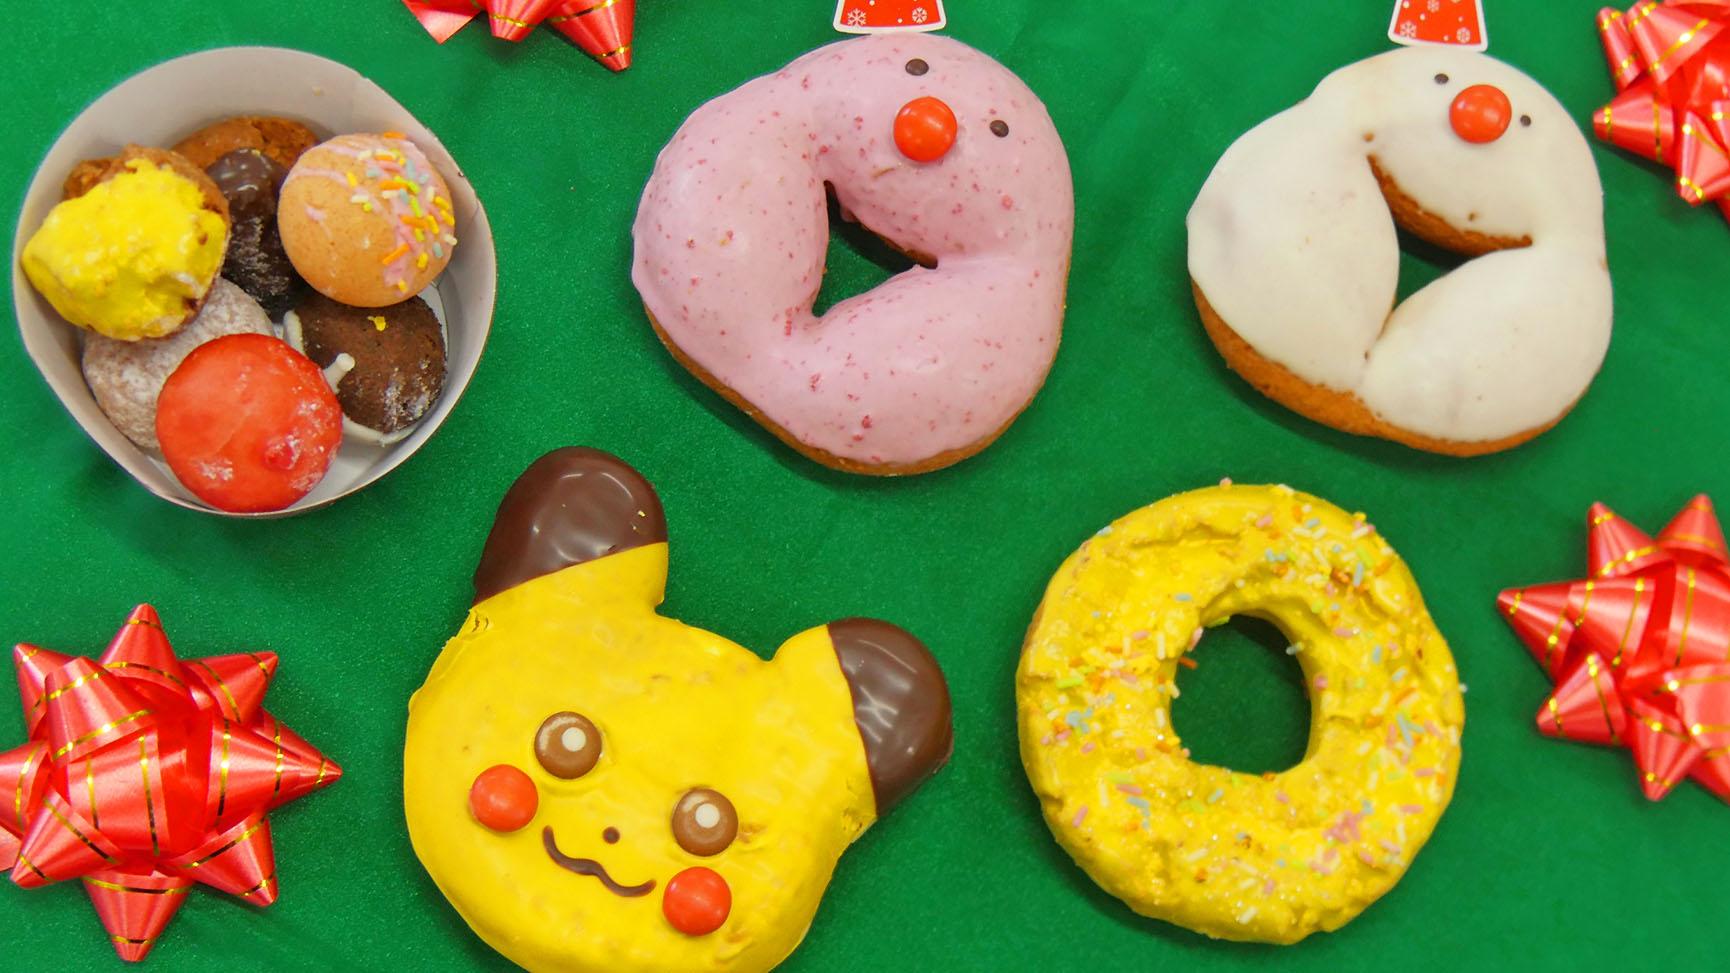 聖誕節到日本Mister Donut尋找精靈寶可夢!期間限定皮卡丘甜甜圈超吸晴